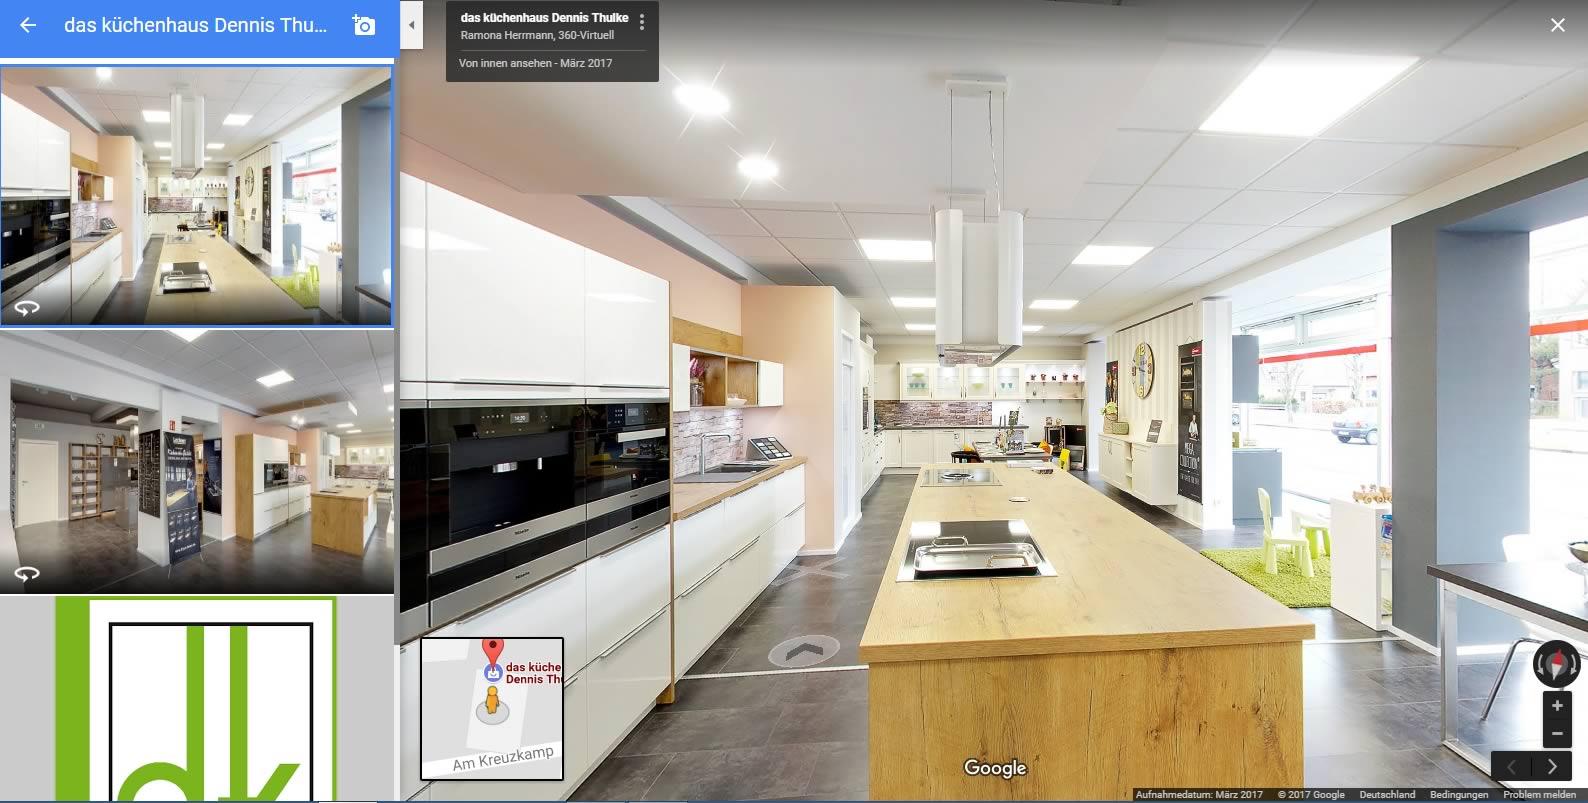 Berühmt Erstellen Sie Ihre Eigene Virtuelle Küche Ideen - Ideen Für ...